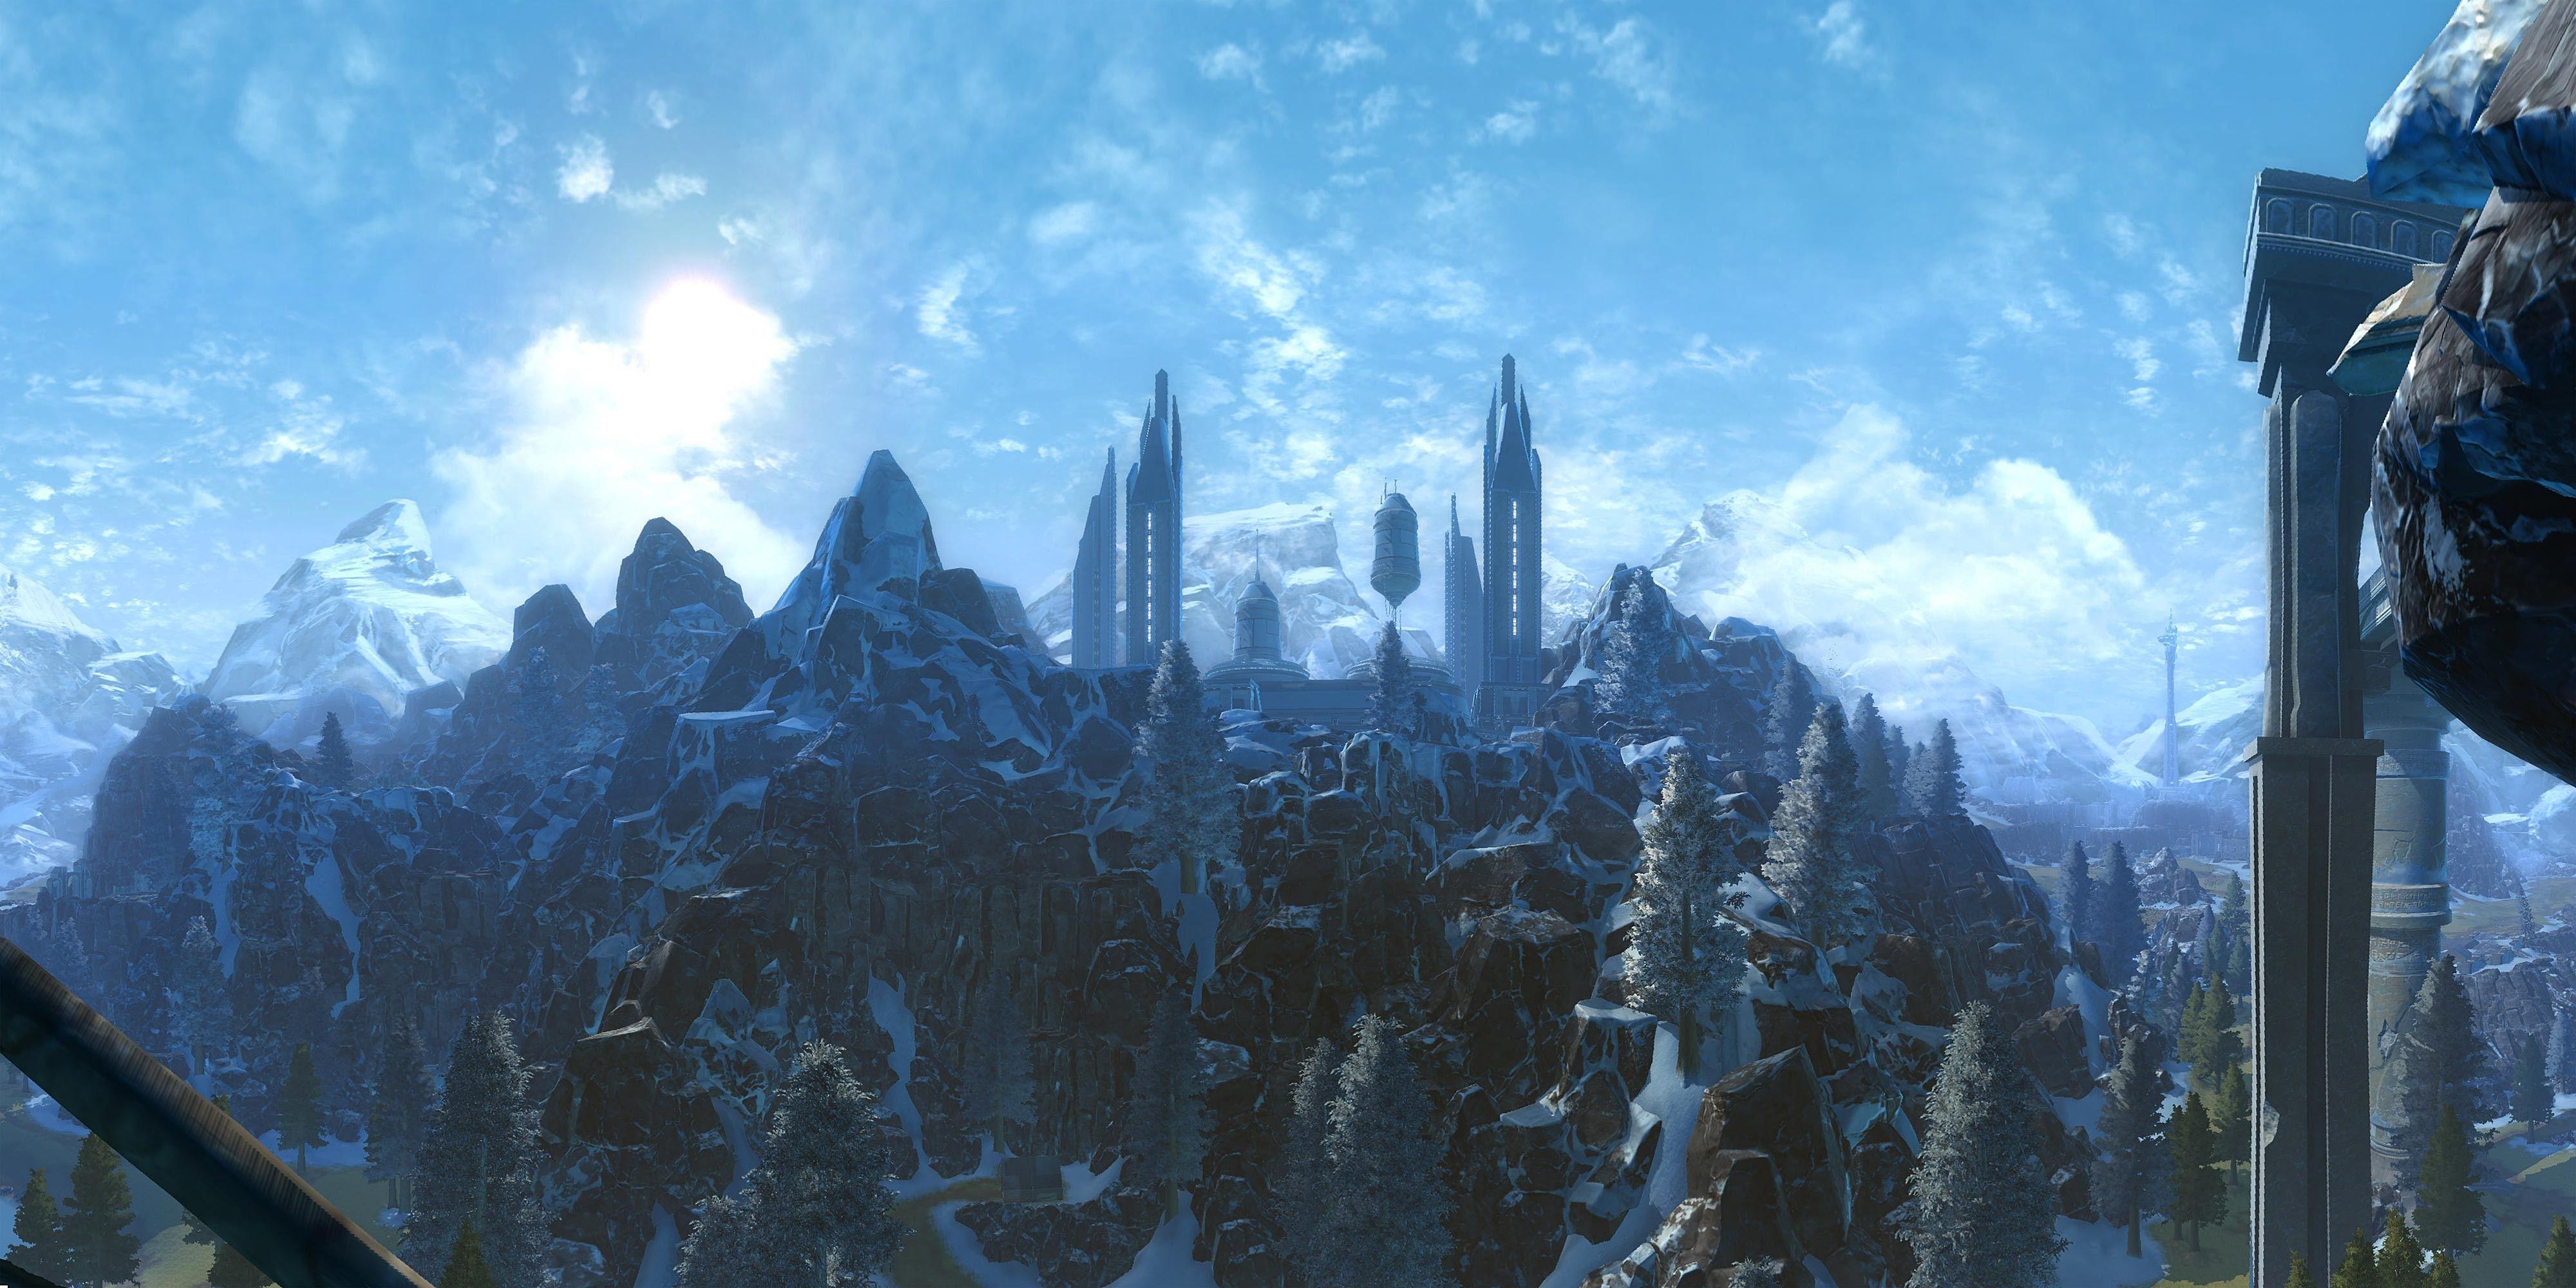 Winter starwars landscape recherche google starwars - Paysage star wars ...